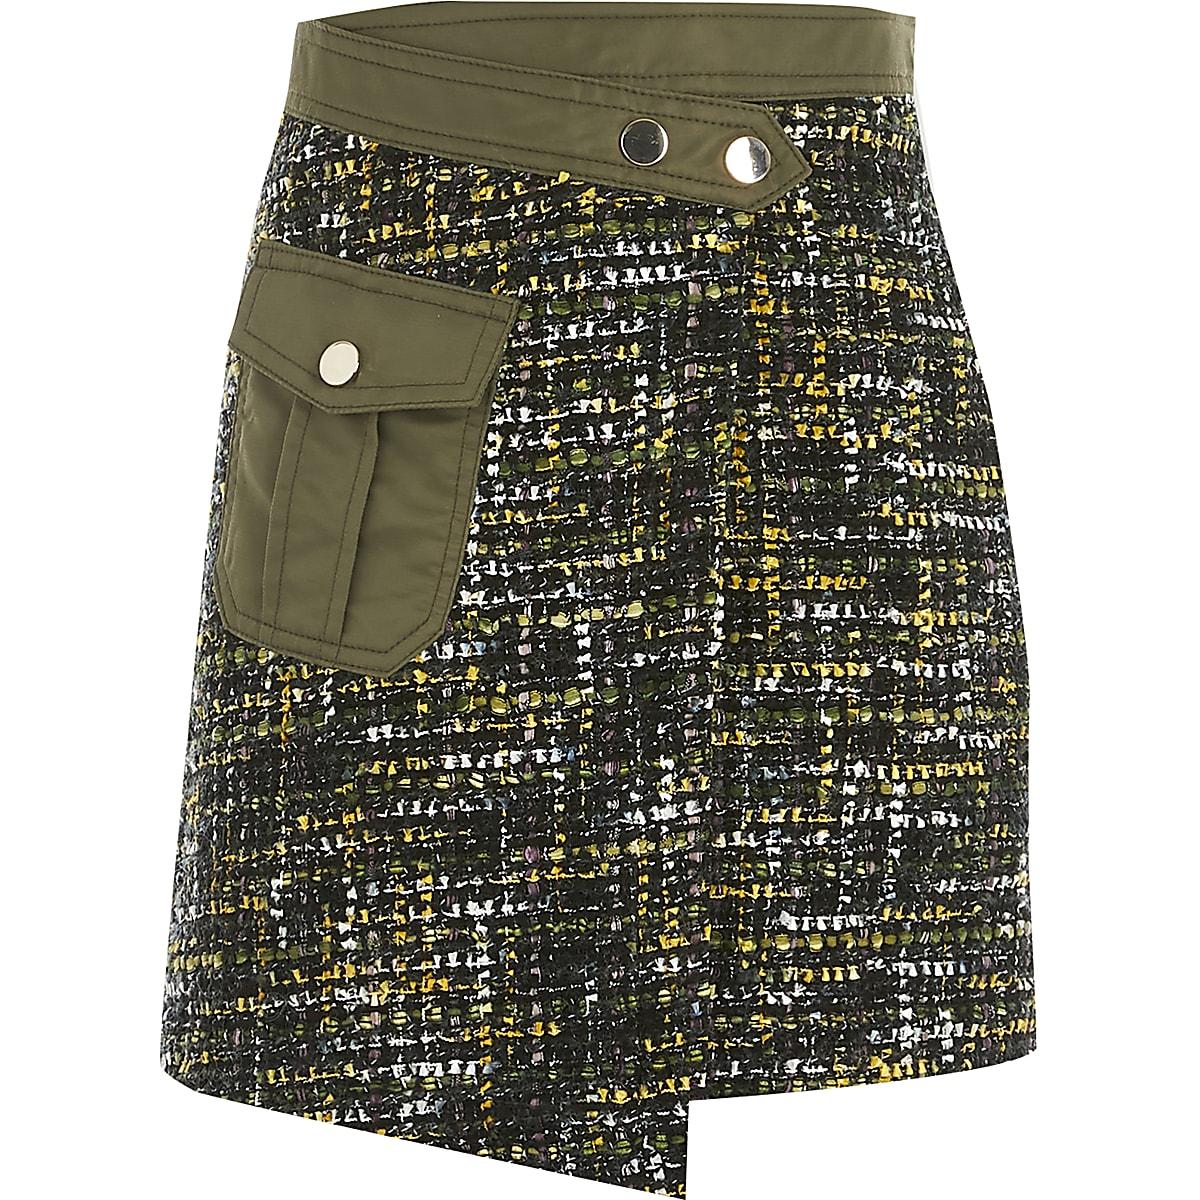 Kaki utility bouclé rok met overslag voor meisjes